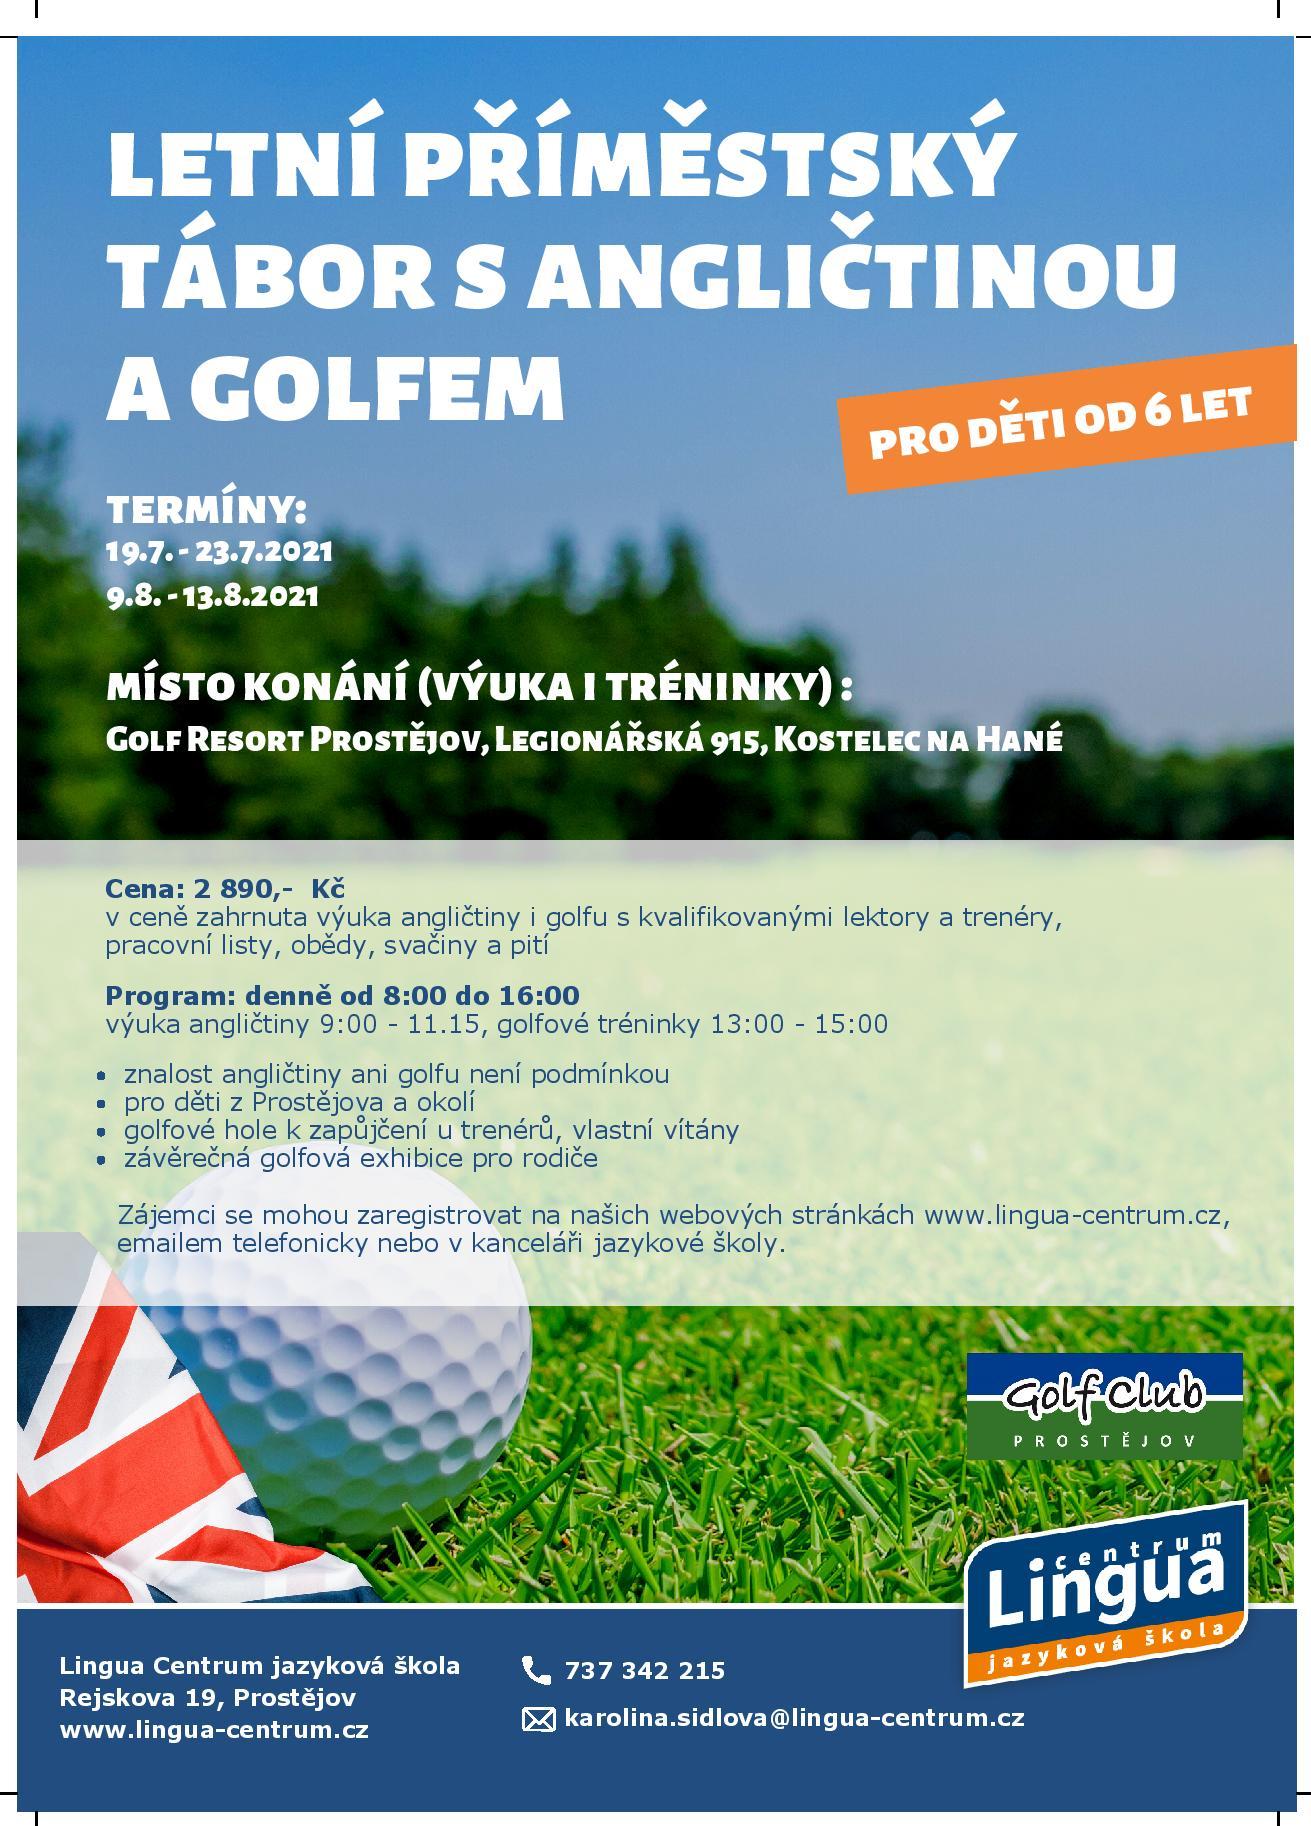 Letní příměstský tábor s angličtinou a golfem 2021